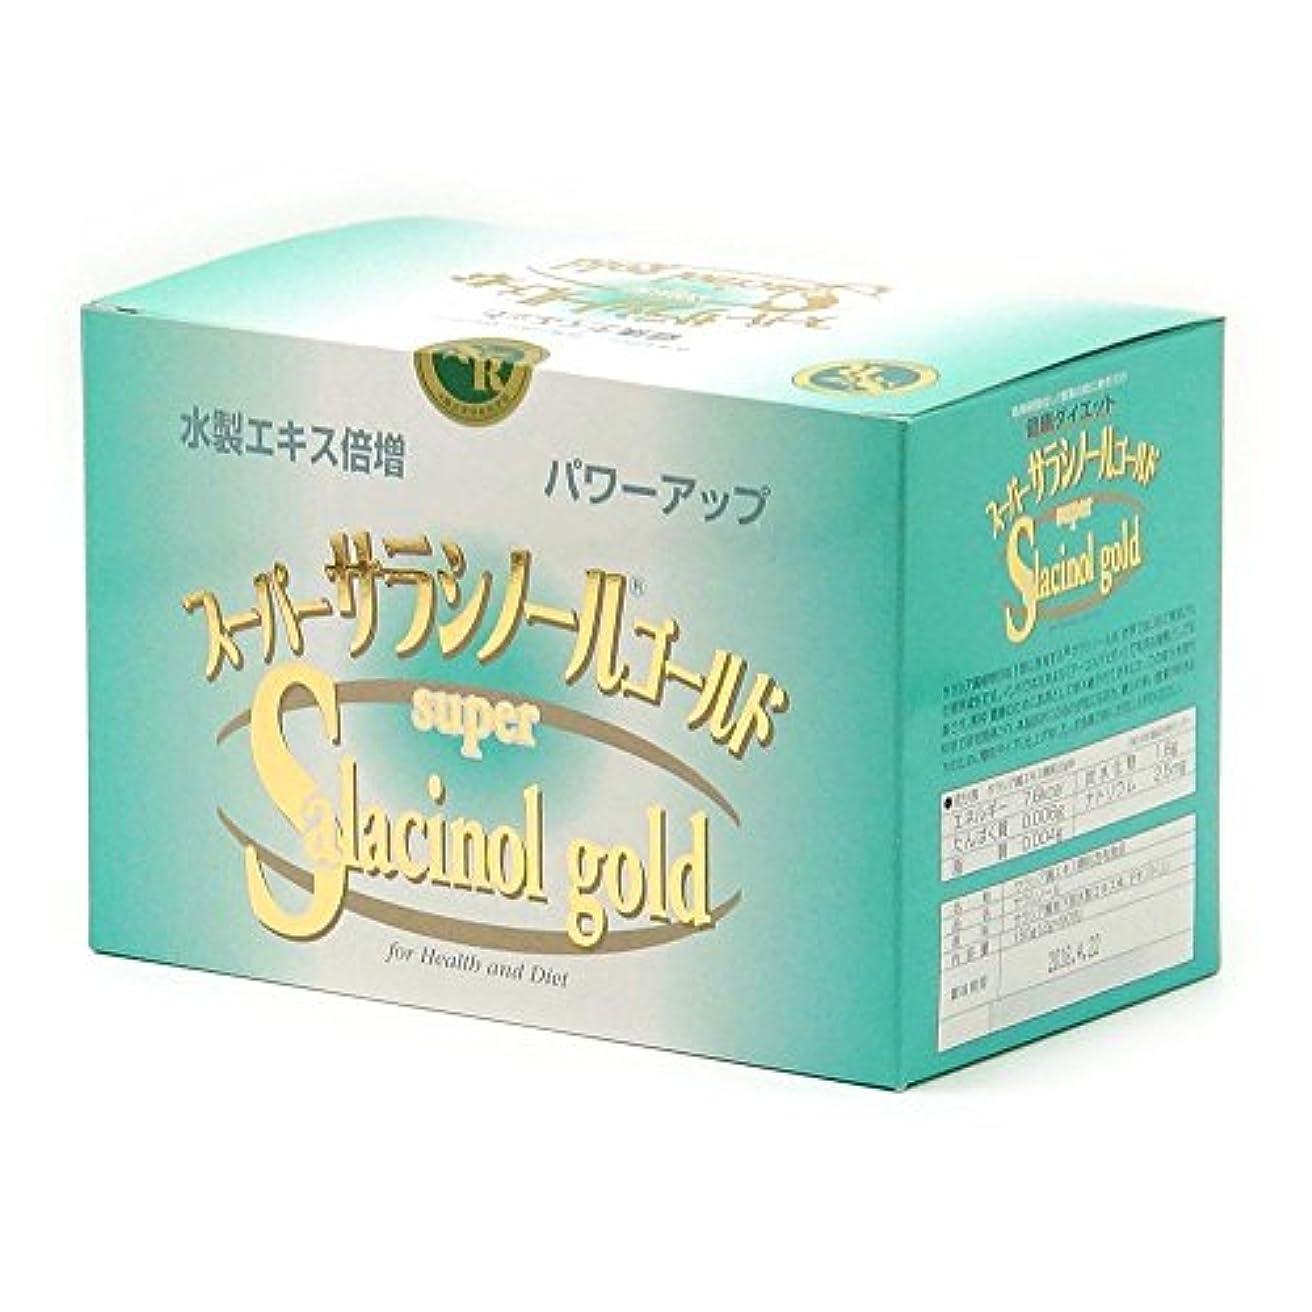 処方略すセッションスーパーサラシノールゴールド 2g×90包×3箱セット